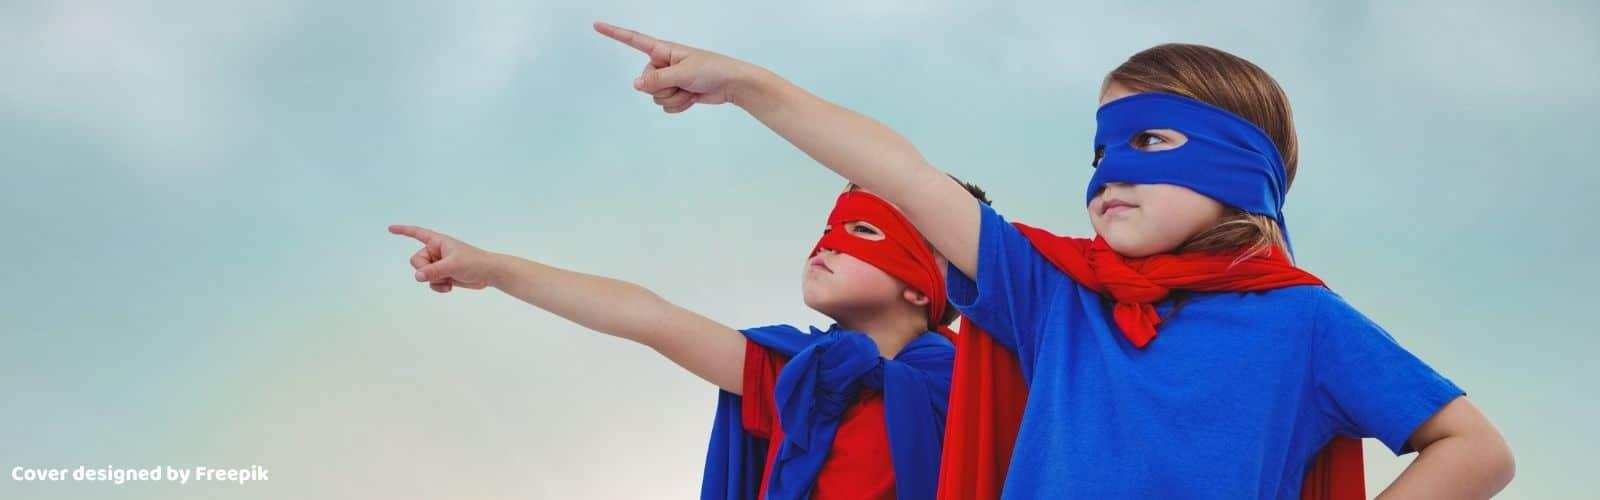 Confiance en soi de l'enfant : comment aider l'enfant à avoir confiance en lui ?